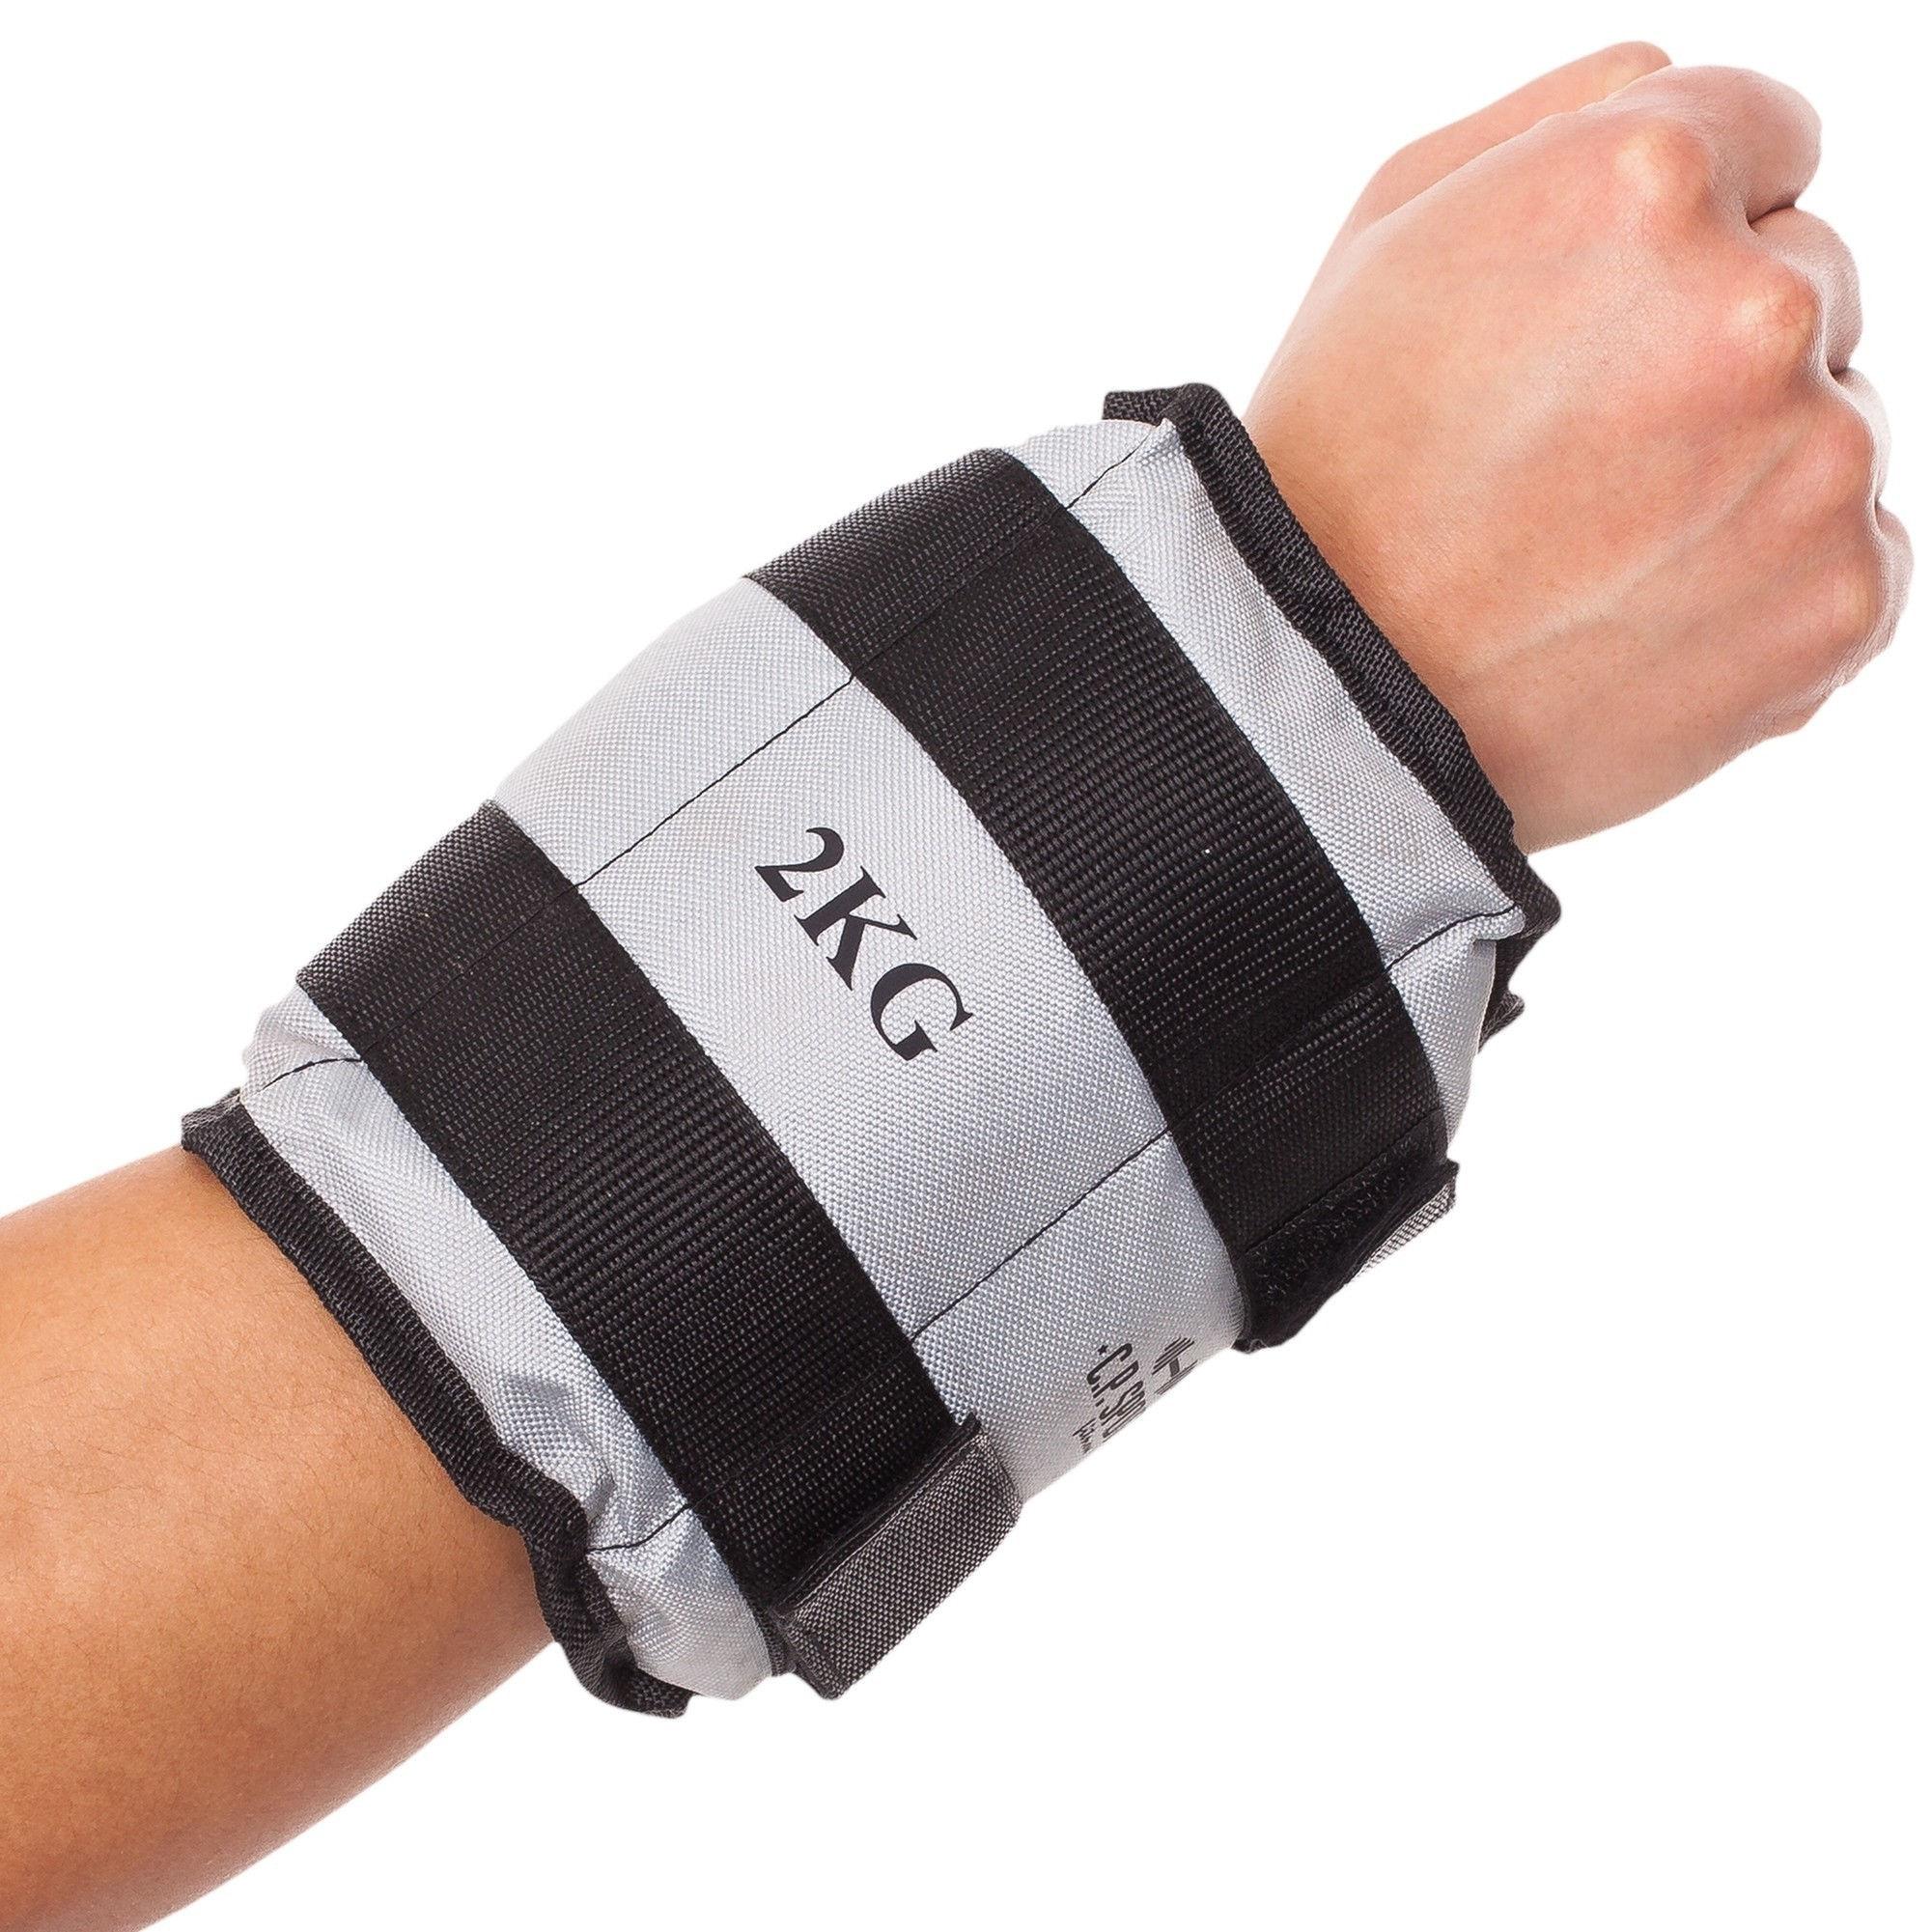 Gewichtsmanschetten-Laufgewichte-Fussgewichte-Handgelenkgewichte-Gewicht-Hand-Fuss